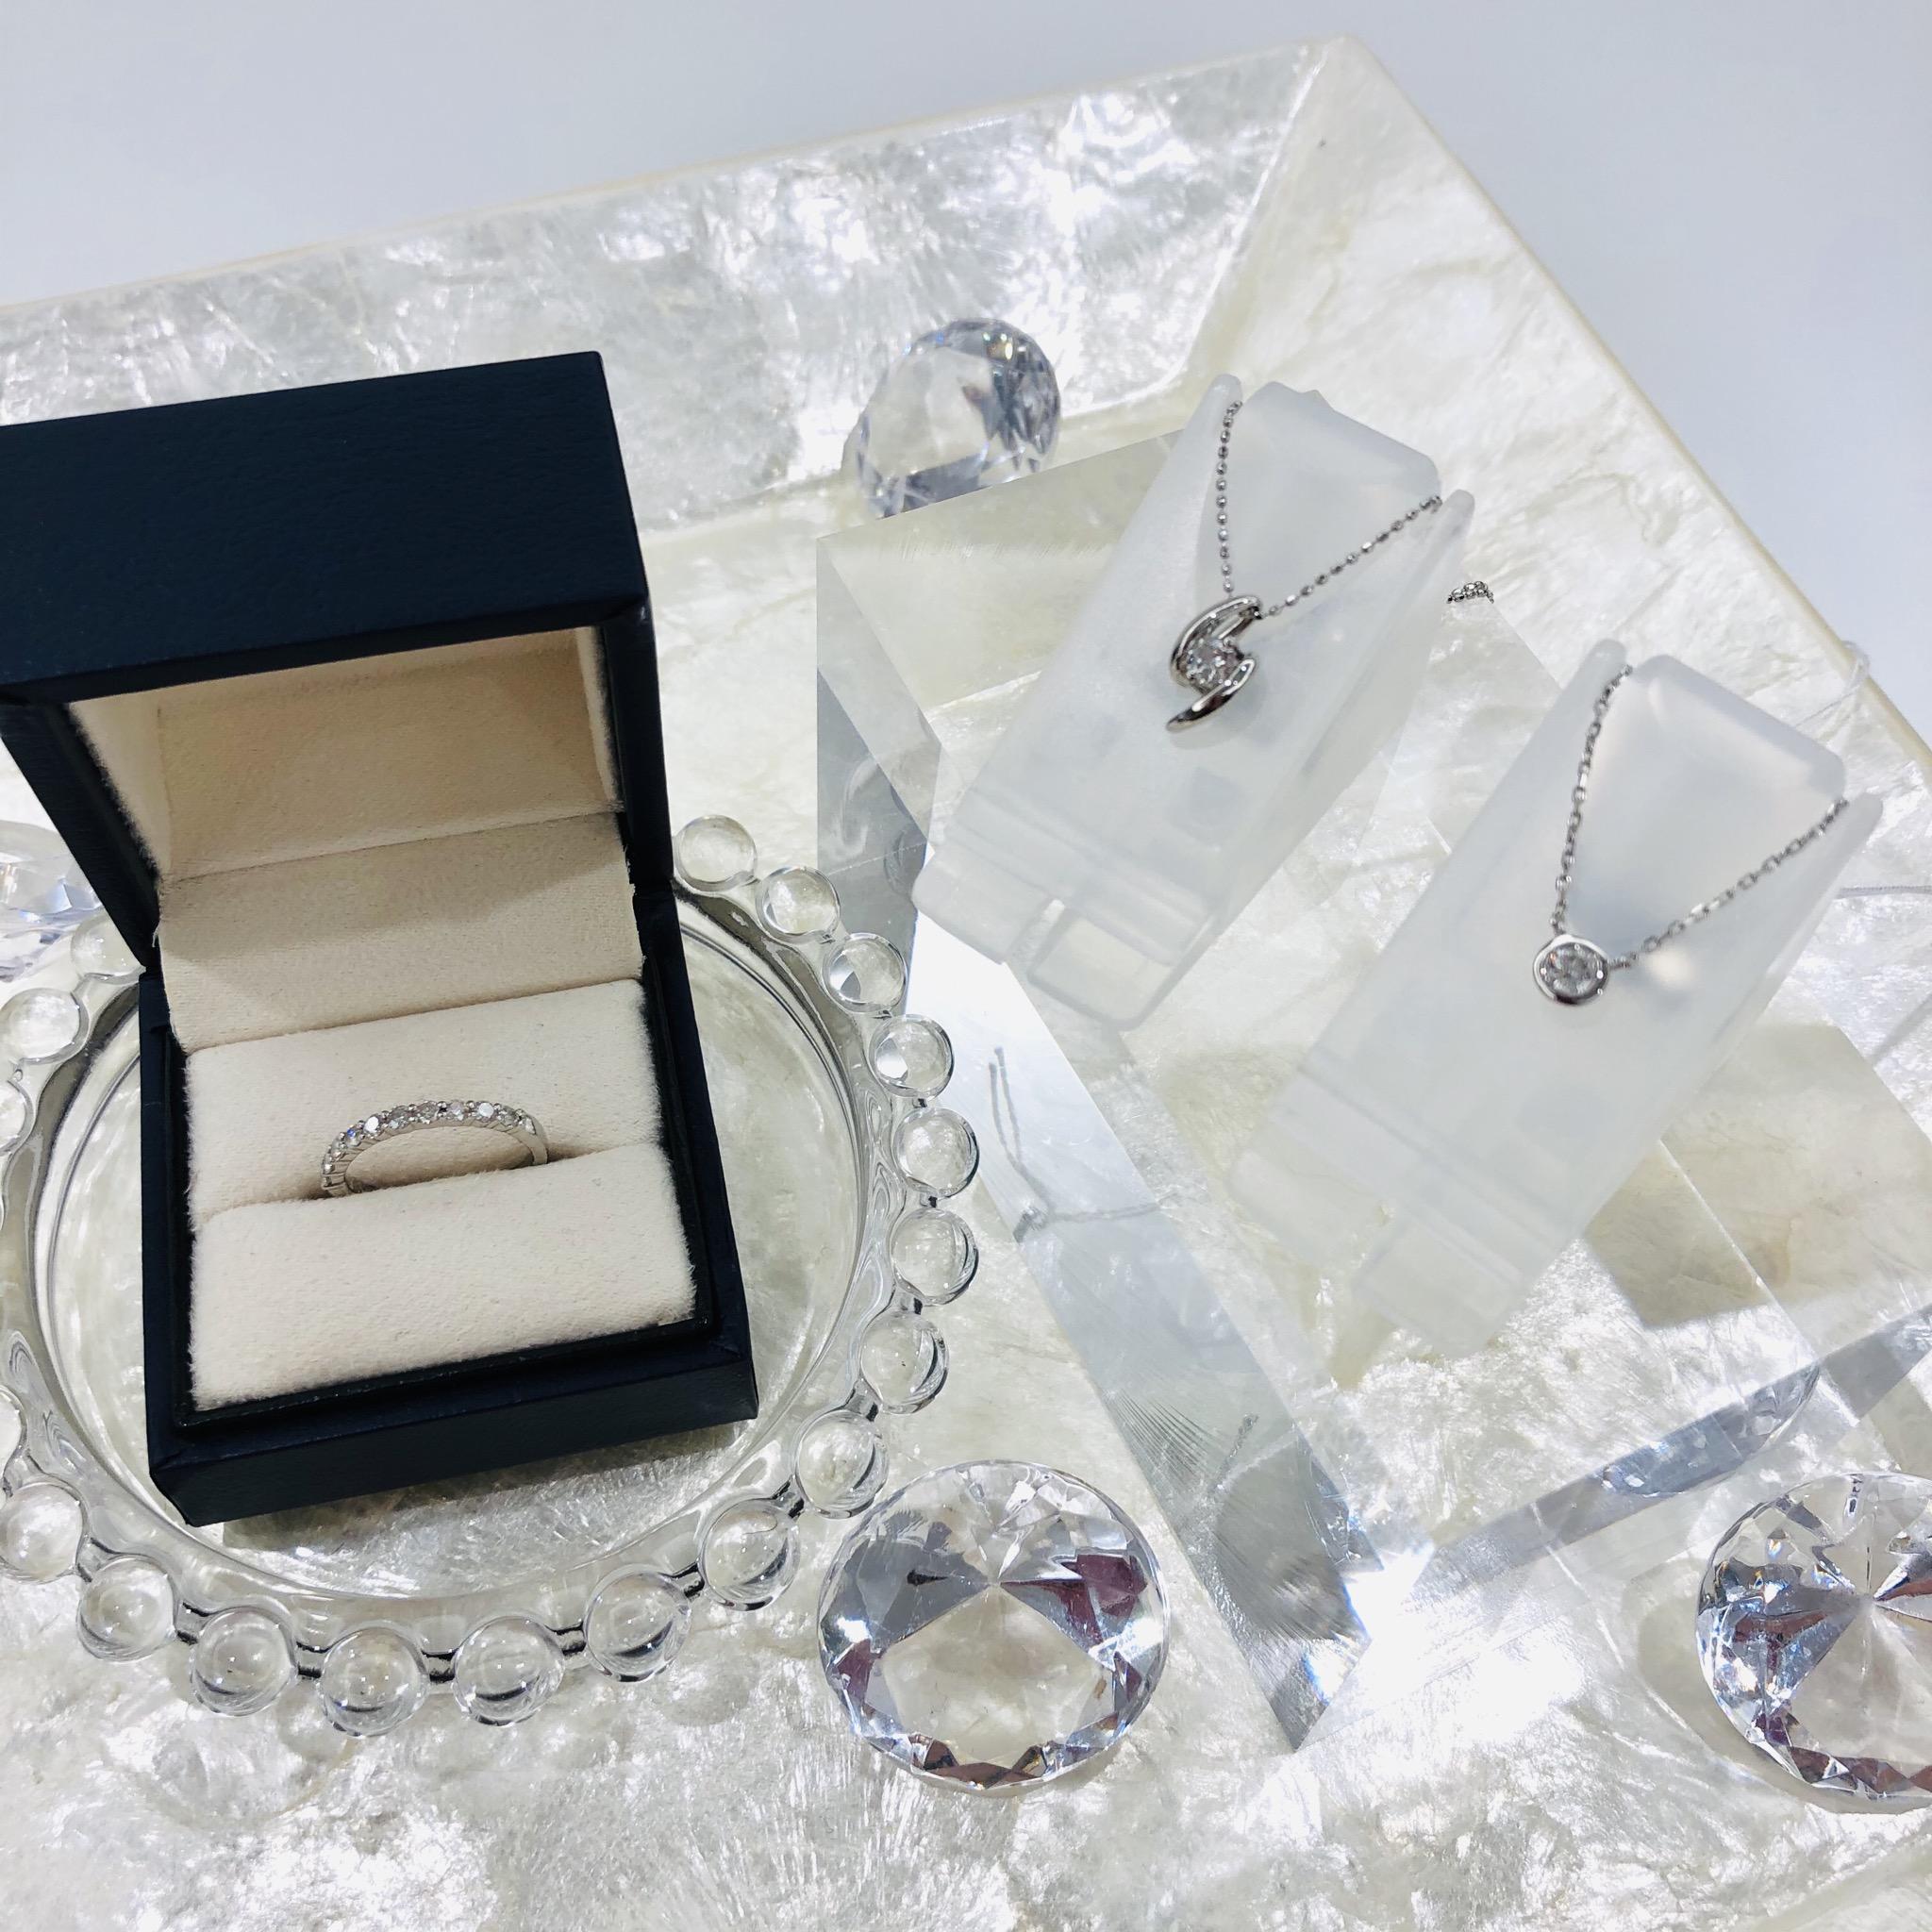 【盛岡 ジュエリー 販売】女性なら誰もが憧れるダイヤモンドジュエリー